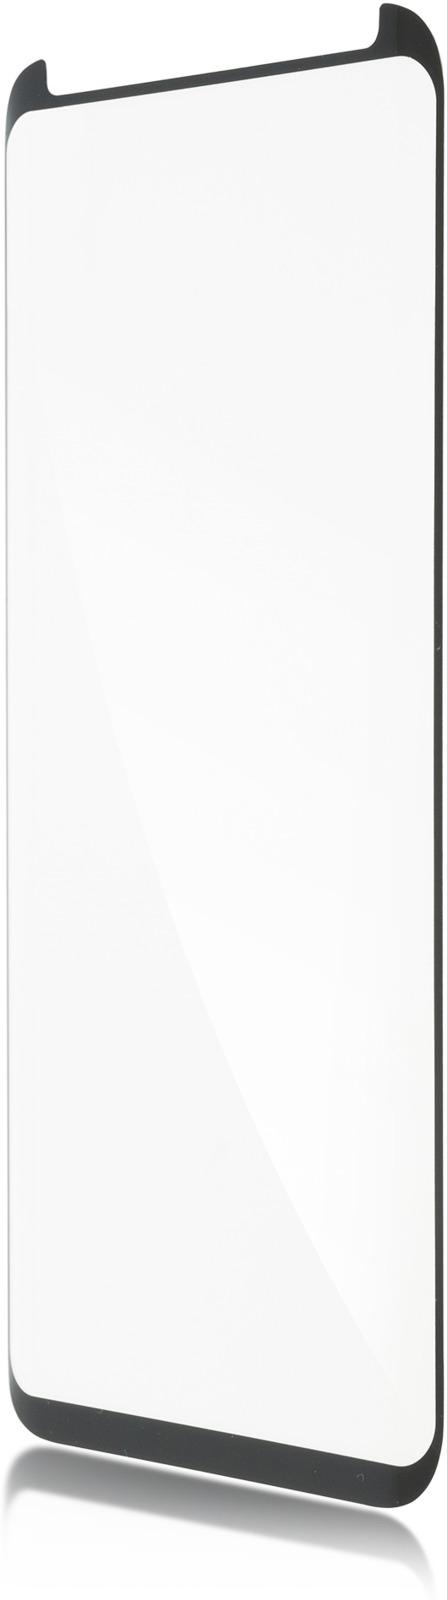 Защитное стекло Brosco 3D полноприклеивающееся для Samsung Galaxy S8, черный защитное стекло для samsung galaxy s8 sm g950 onext 3d изогнутое по форме дисплея с прозрачной рамкой